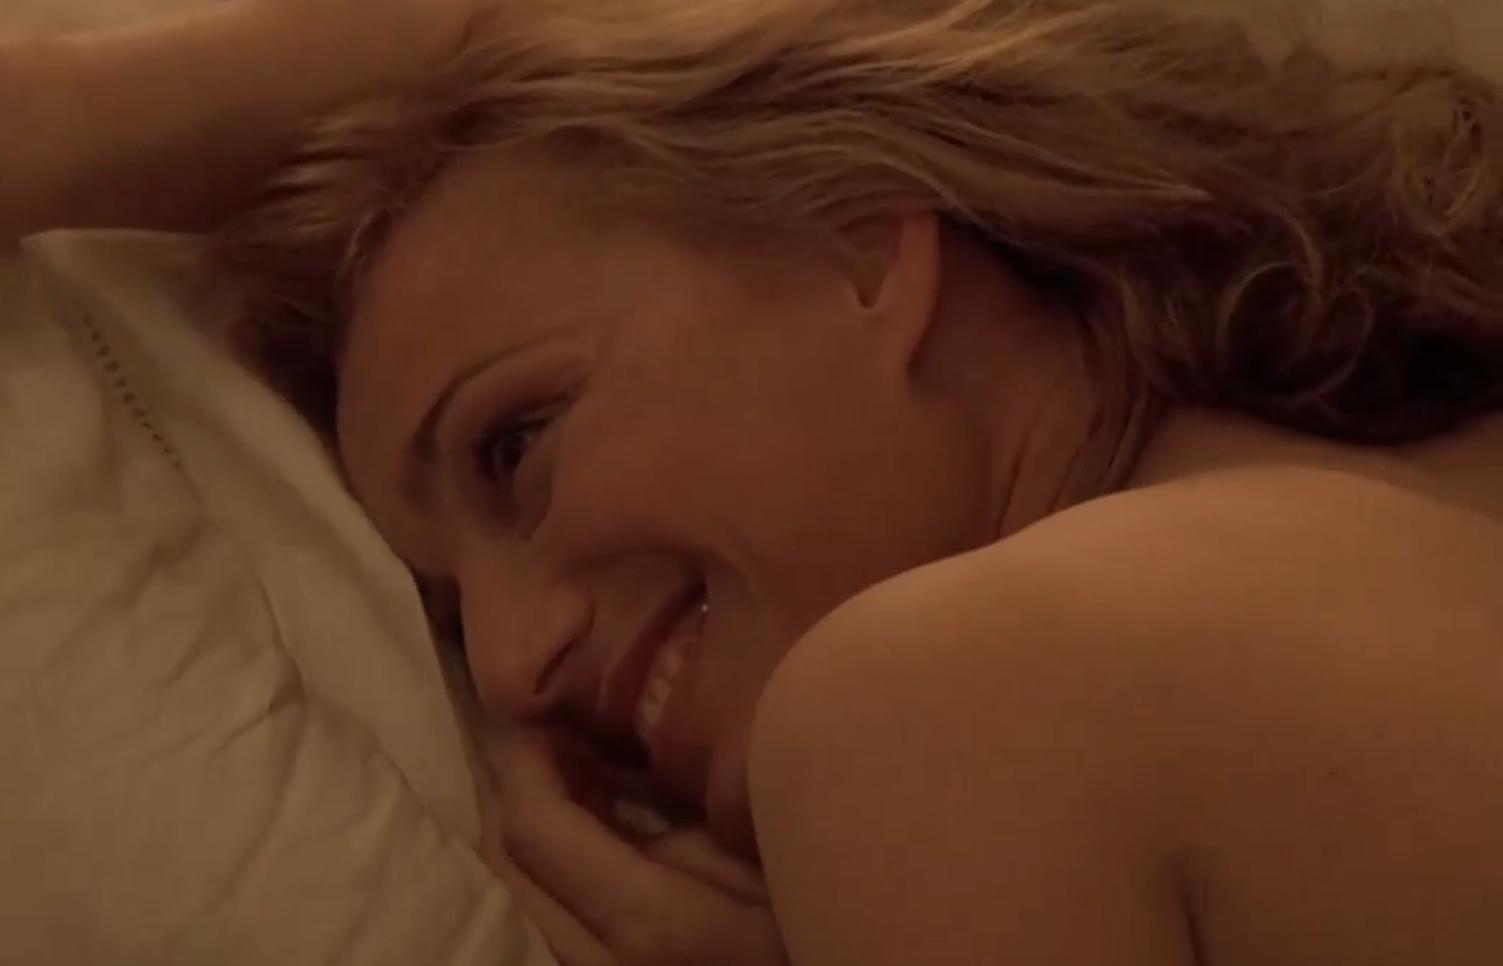 #经典电影#一部堪称经典的人性片,将凄美的爱情,展现的淋漓尽致!